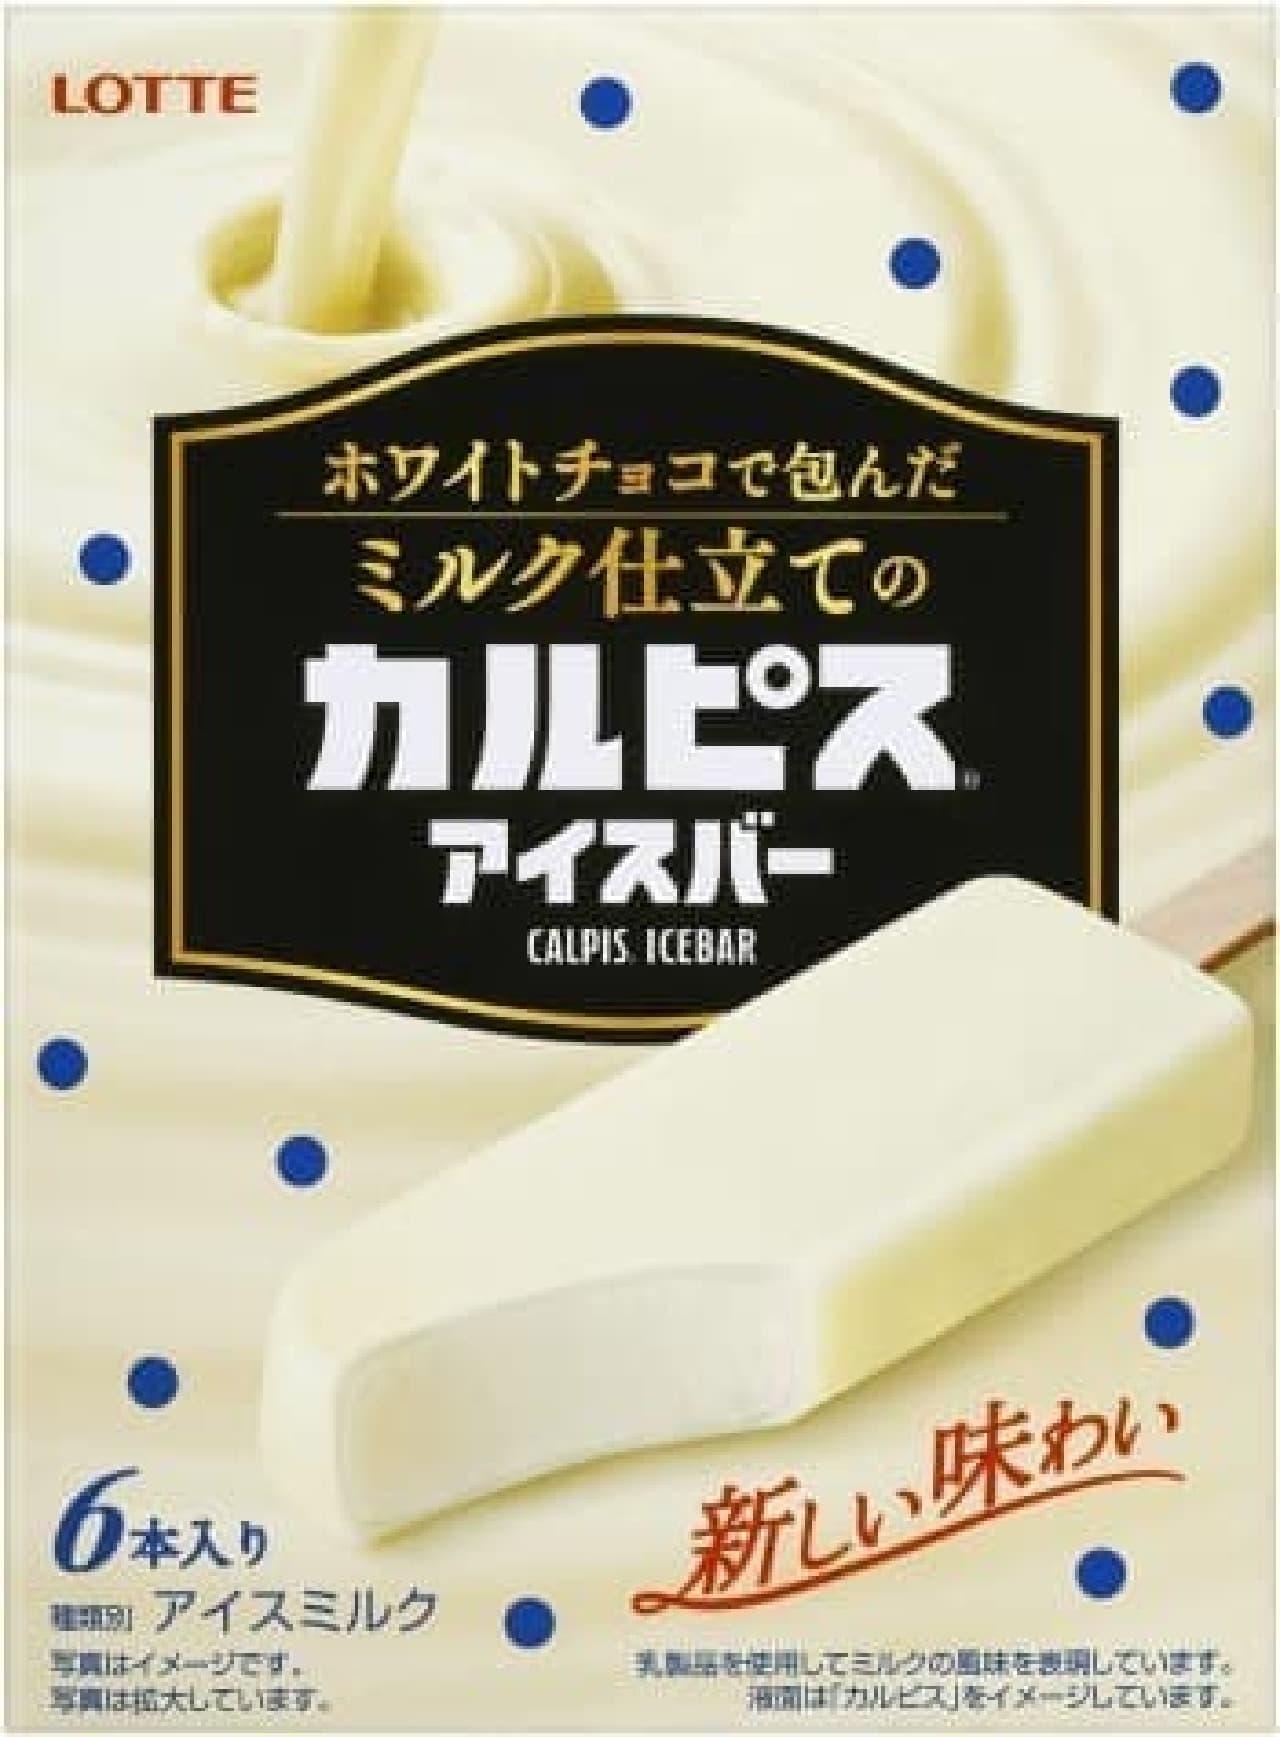 ロッテアイス「ホワイトチョコで包んだミルク仕立てのカルピス アイスバー」